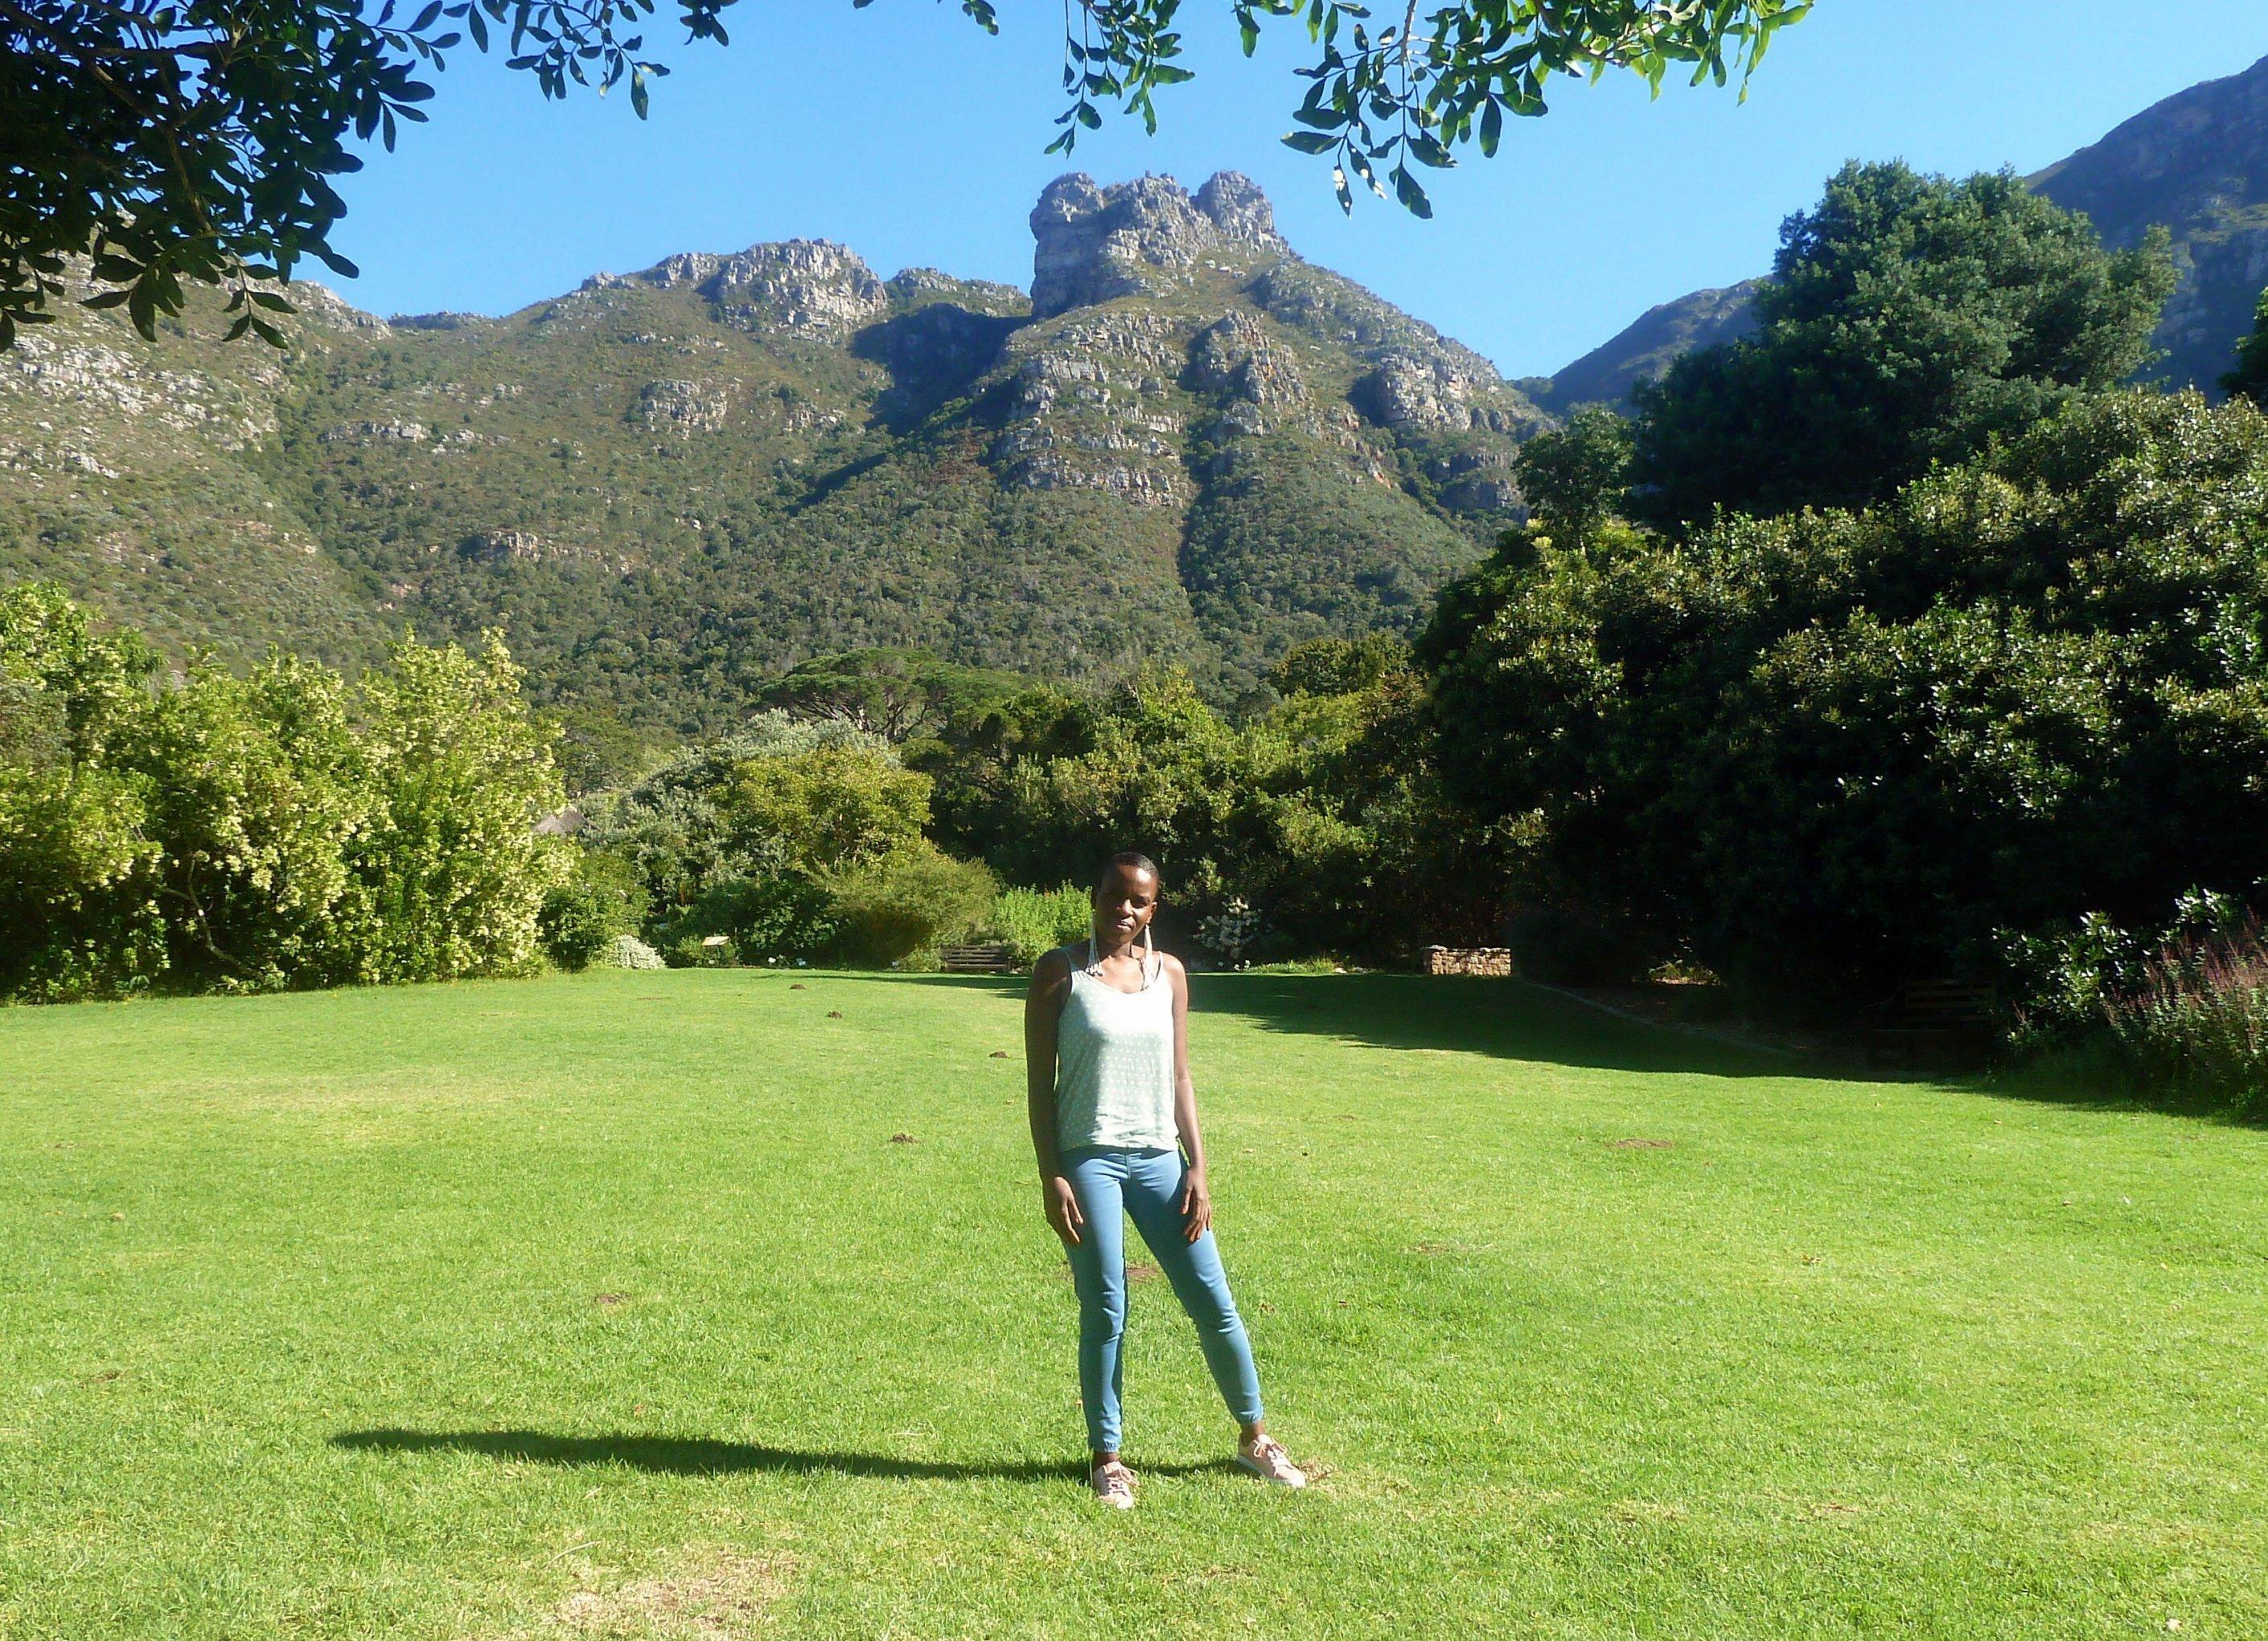 Die Anwältin steht auf einer Wiese im Botanischen Garten von Kapstadt, hinter ihr das Tafelbergmassiv